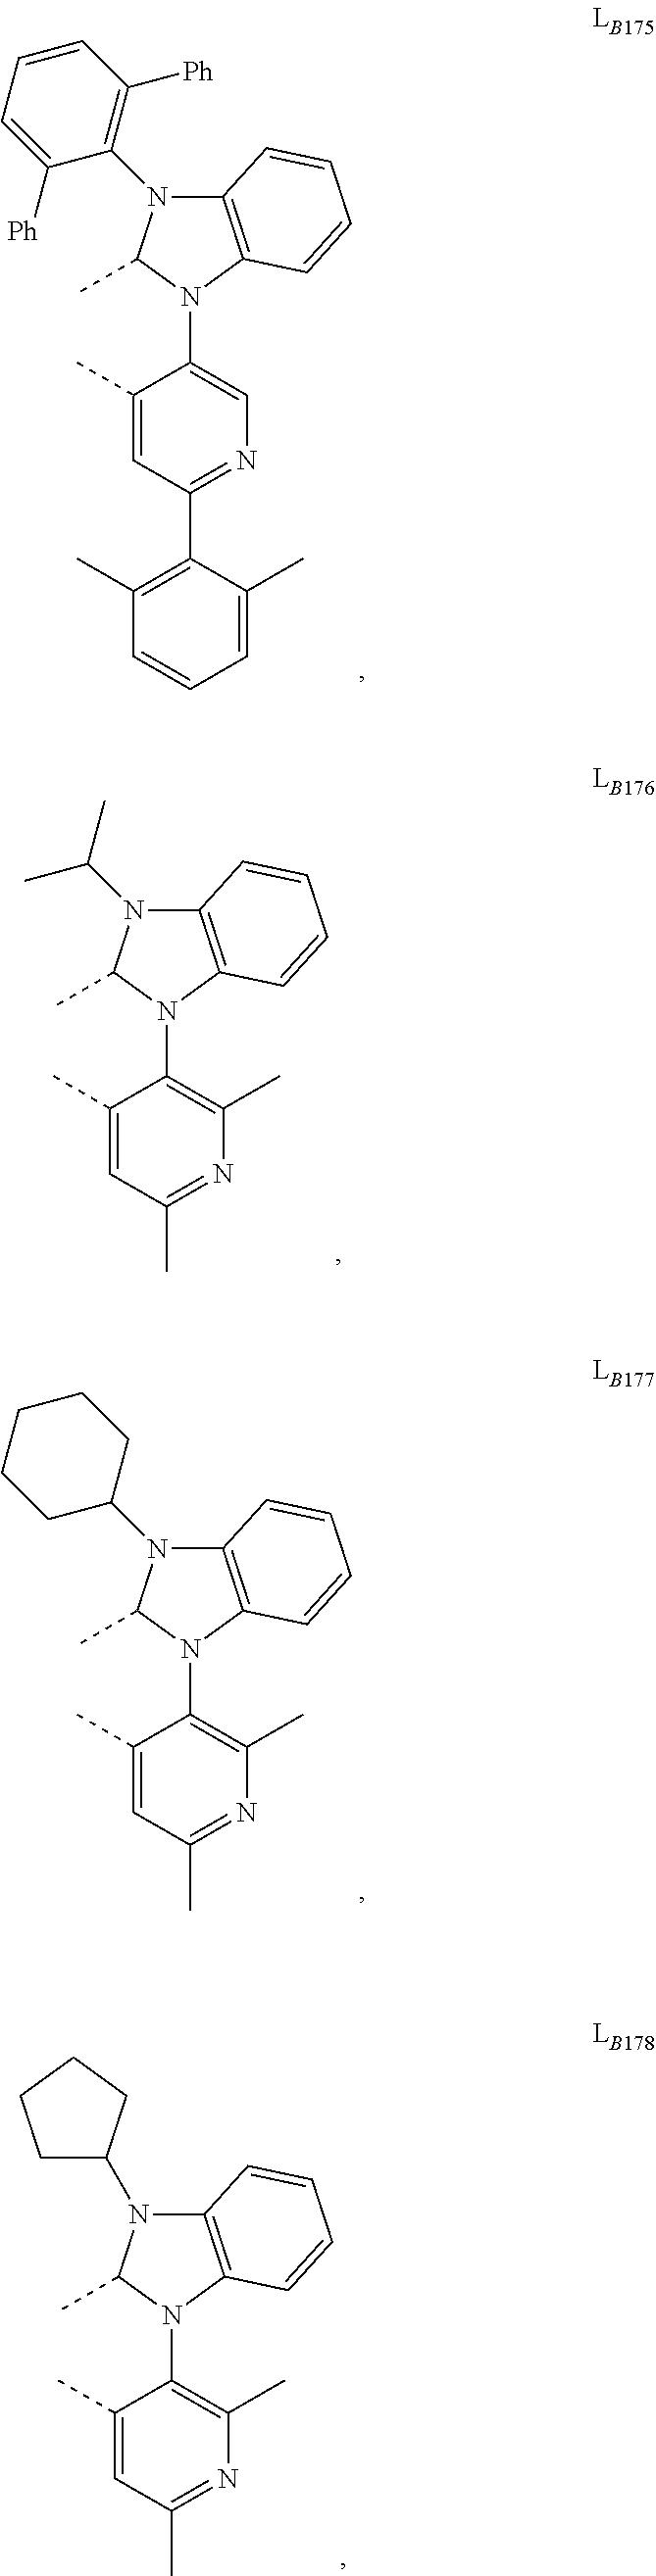 Figure US09905785-20180227-C00597